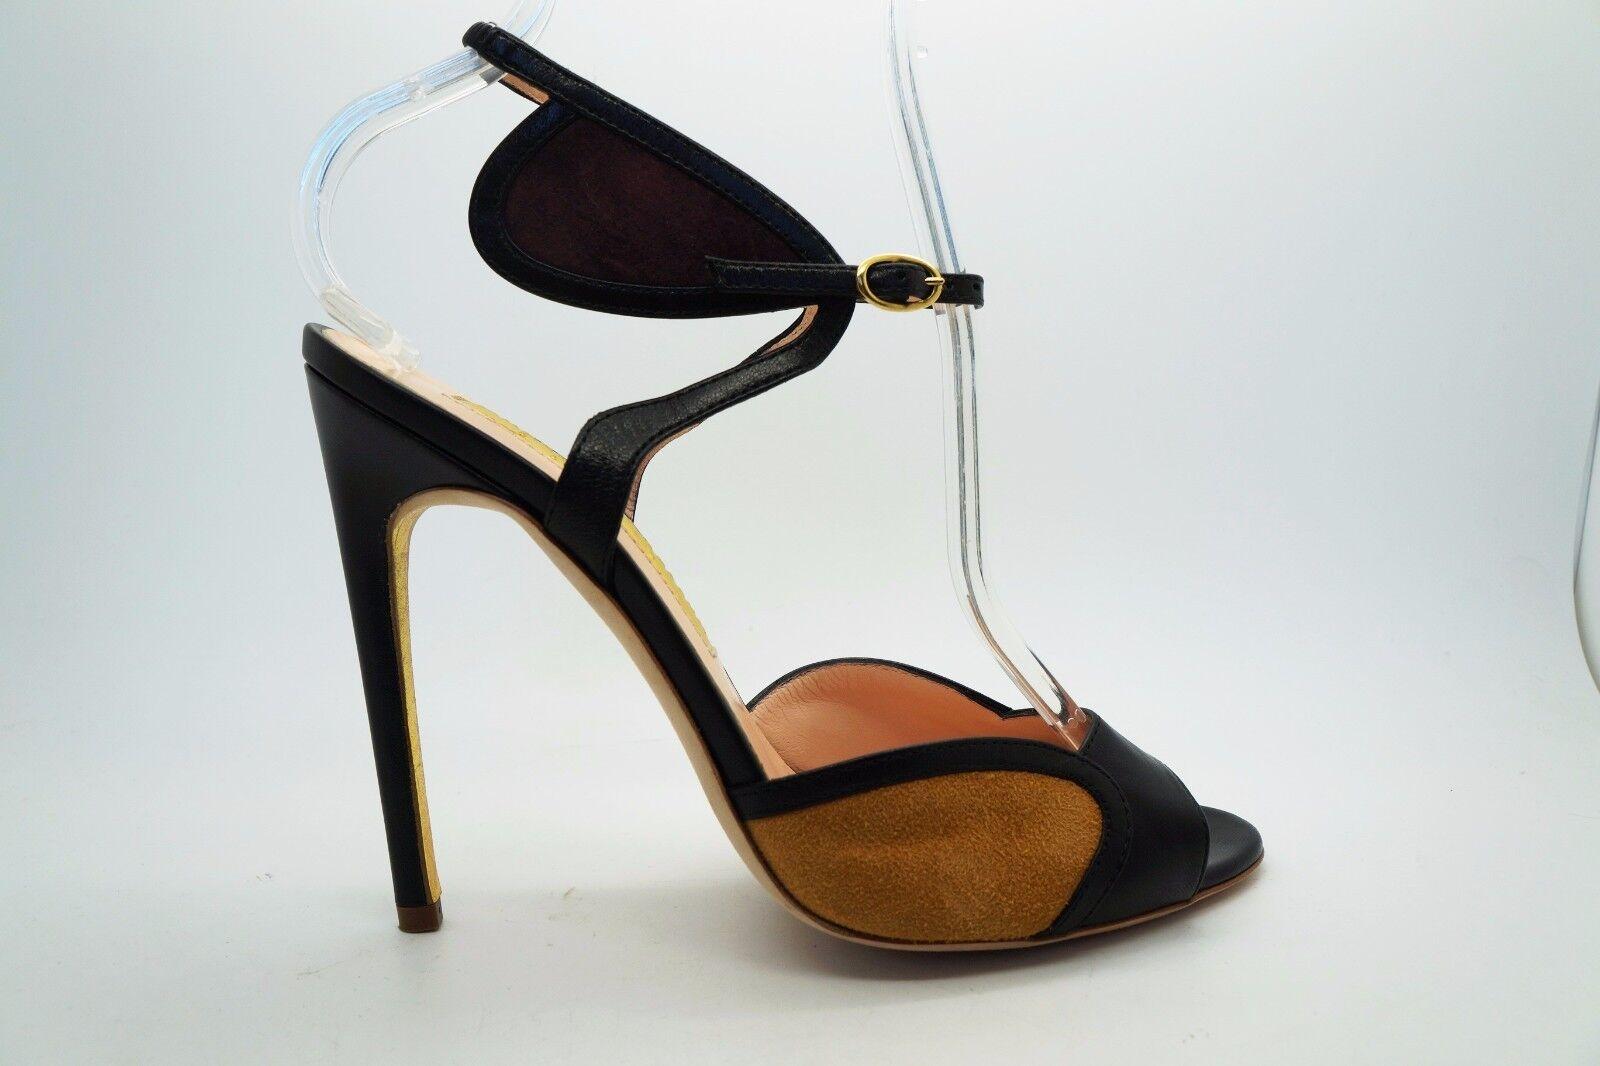 Rupert Sanderson Negro vino en en en ante Avril Cuero Tacones Zapatos 37 US 7  suministro de productos de calidad